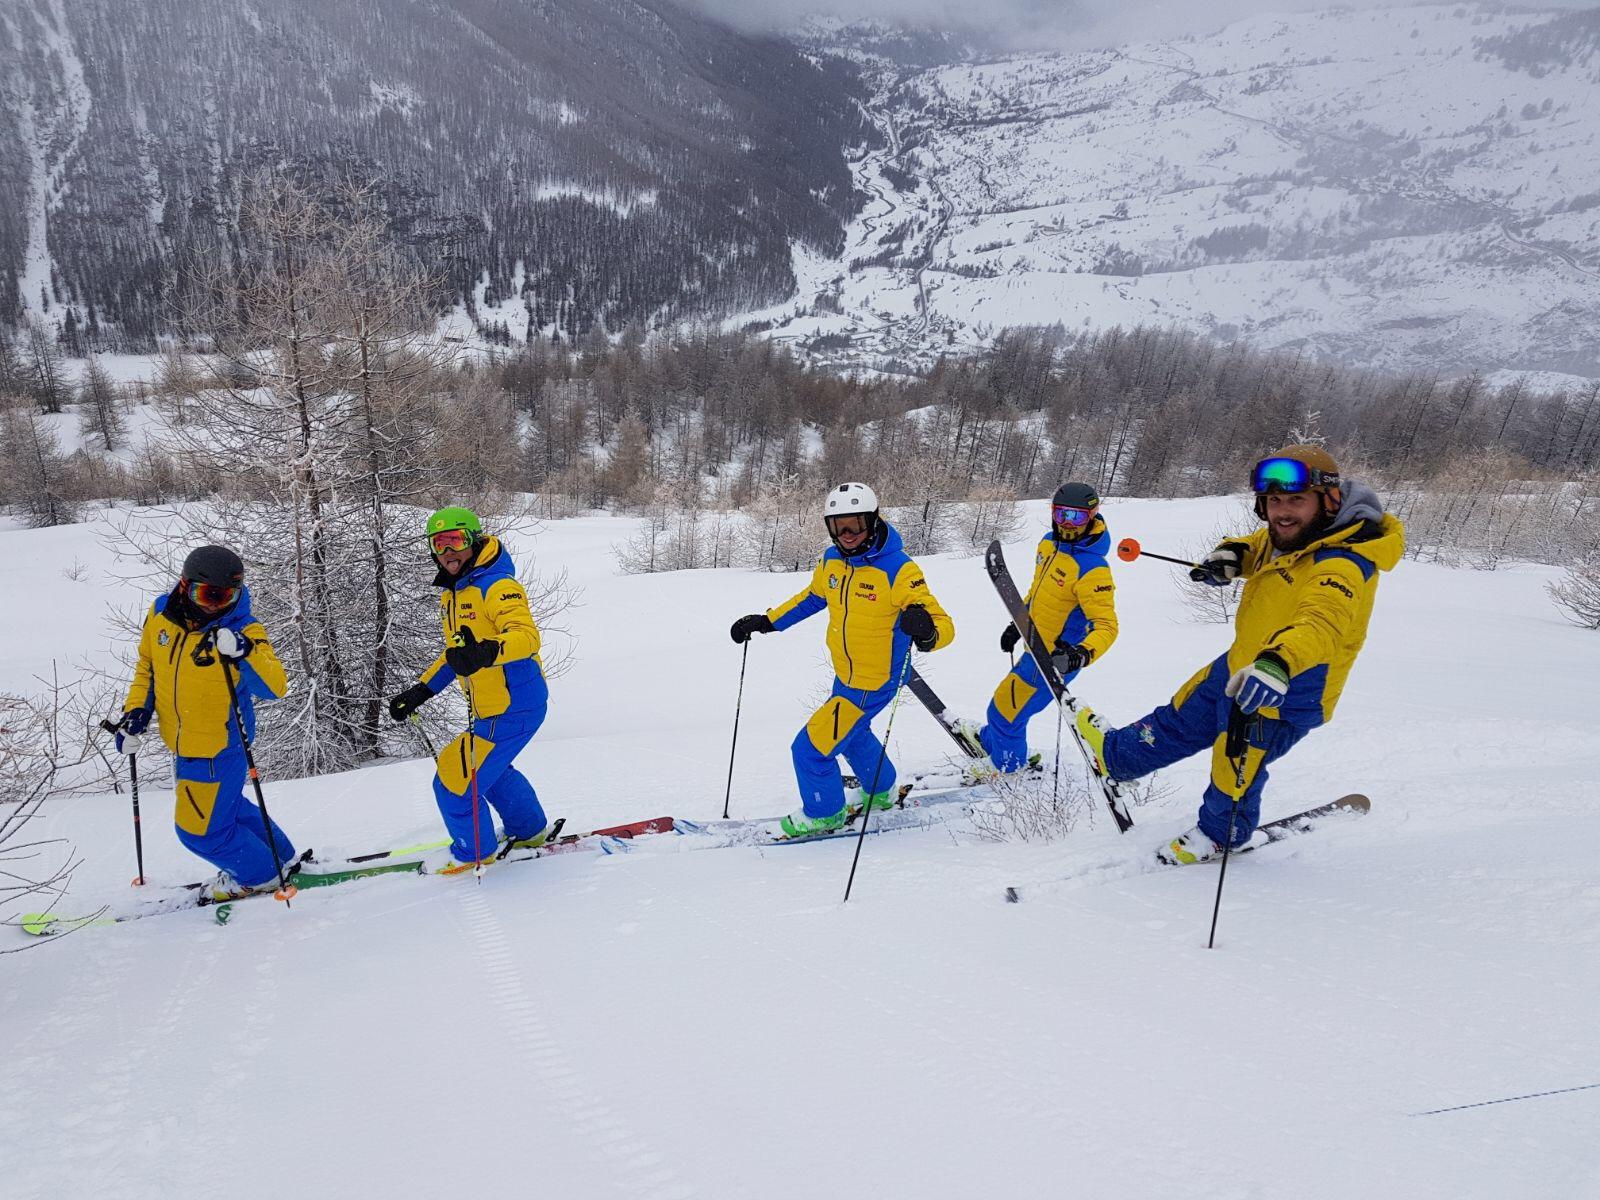 Ecco il nuovo staff di Passion Ski Team Sestriere!